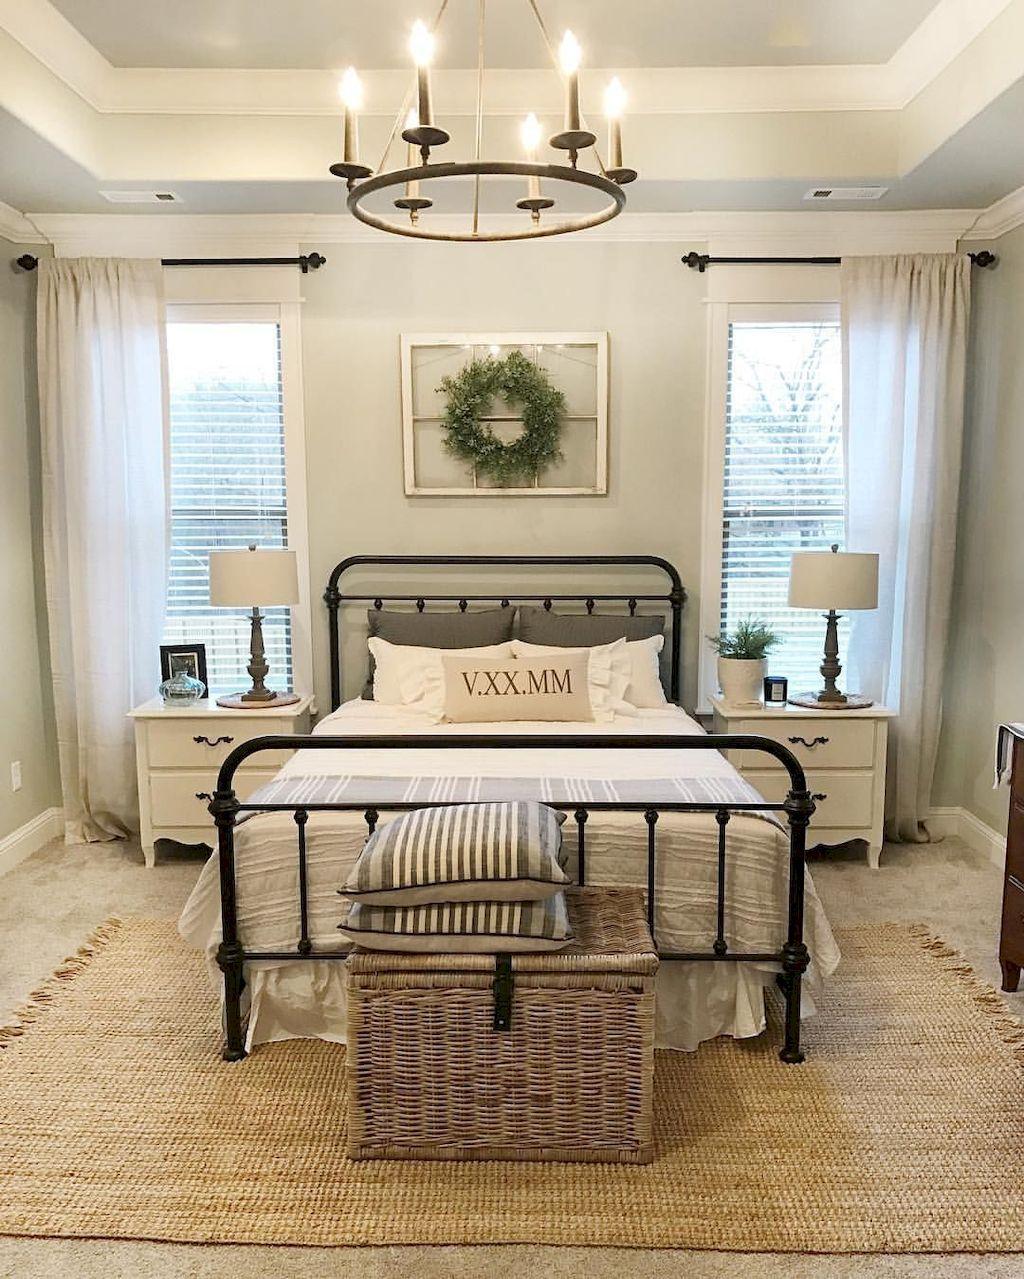 13 Modern Farmhouse Style Bedroom Decor Ideas Guest